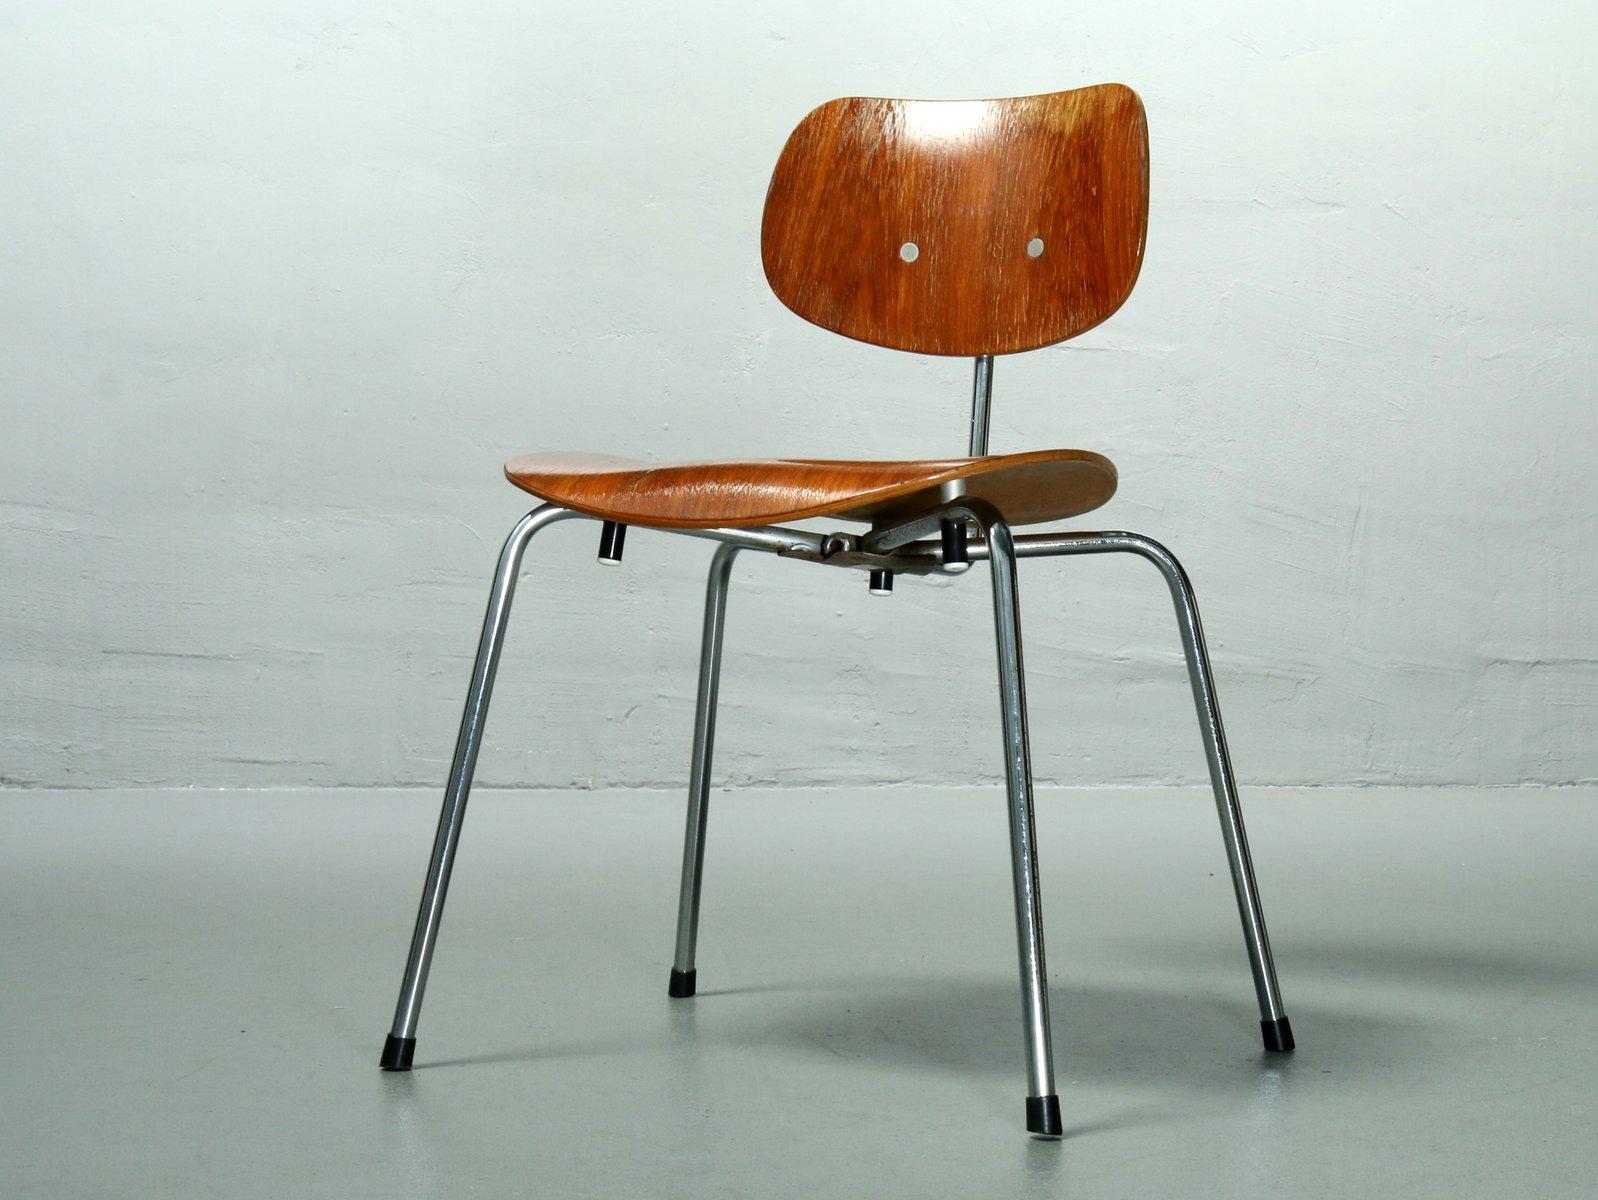 stapelbarer vintage se 68 su teak stuhl von egon eiermann f r wilde spieth bei pamono kaufen. Black Bedroom Furniture Sets. Home Design Ideas